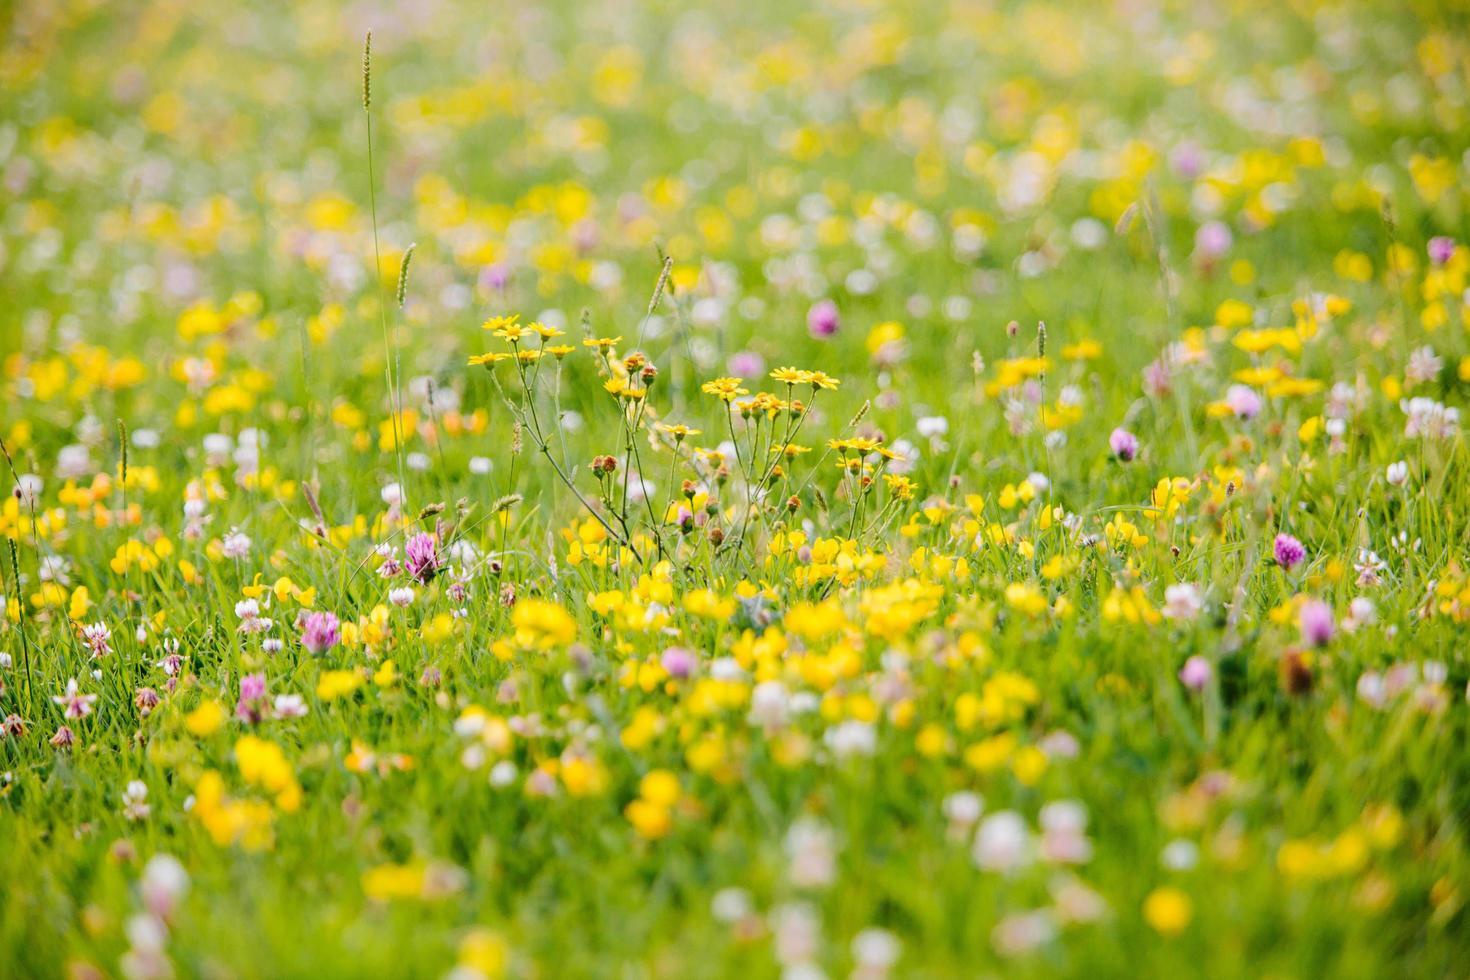 campo de flores amarillas durante el día foto